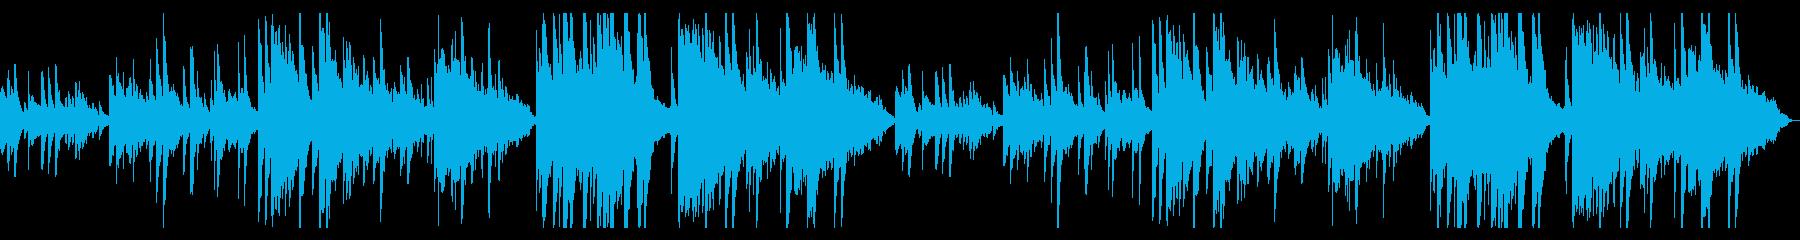 ピアノとオカリナの切ないBGMの再生済みの波形